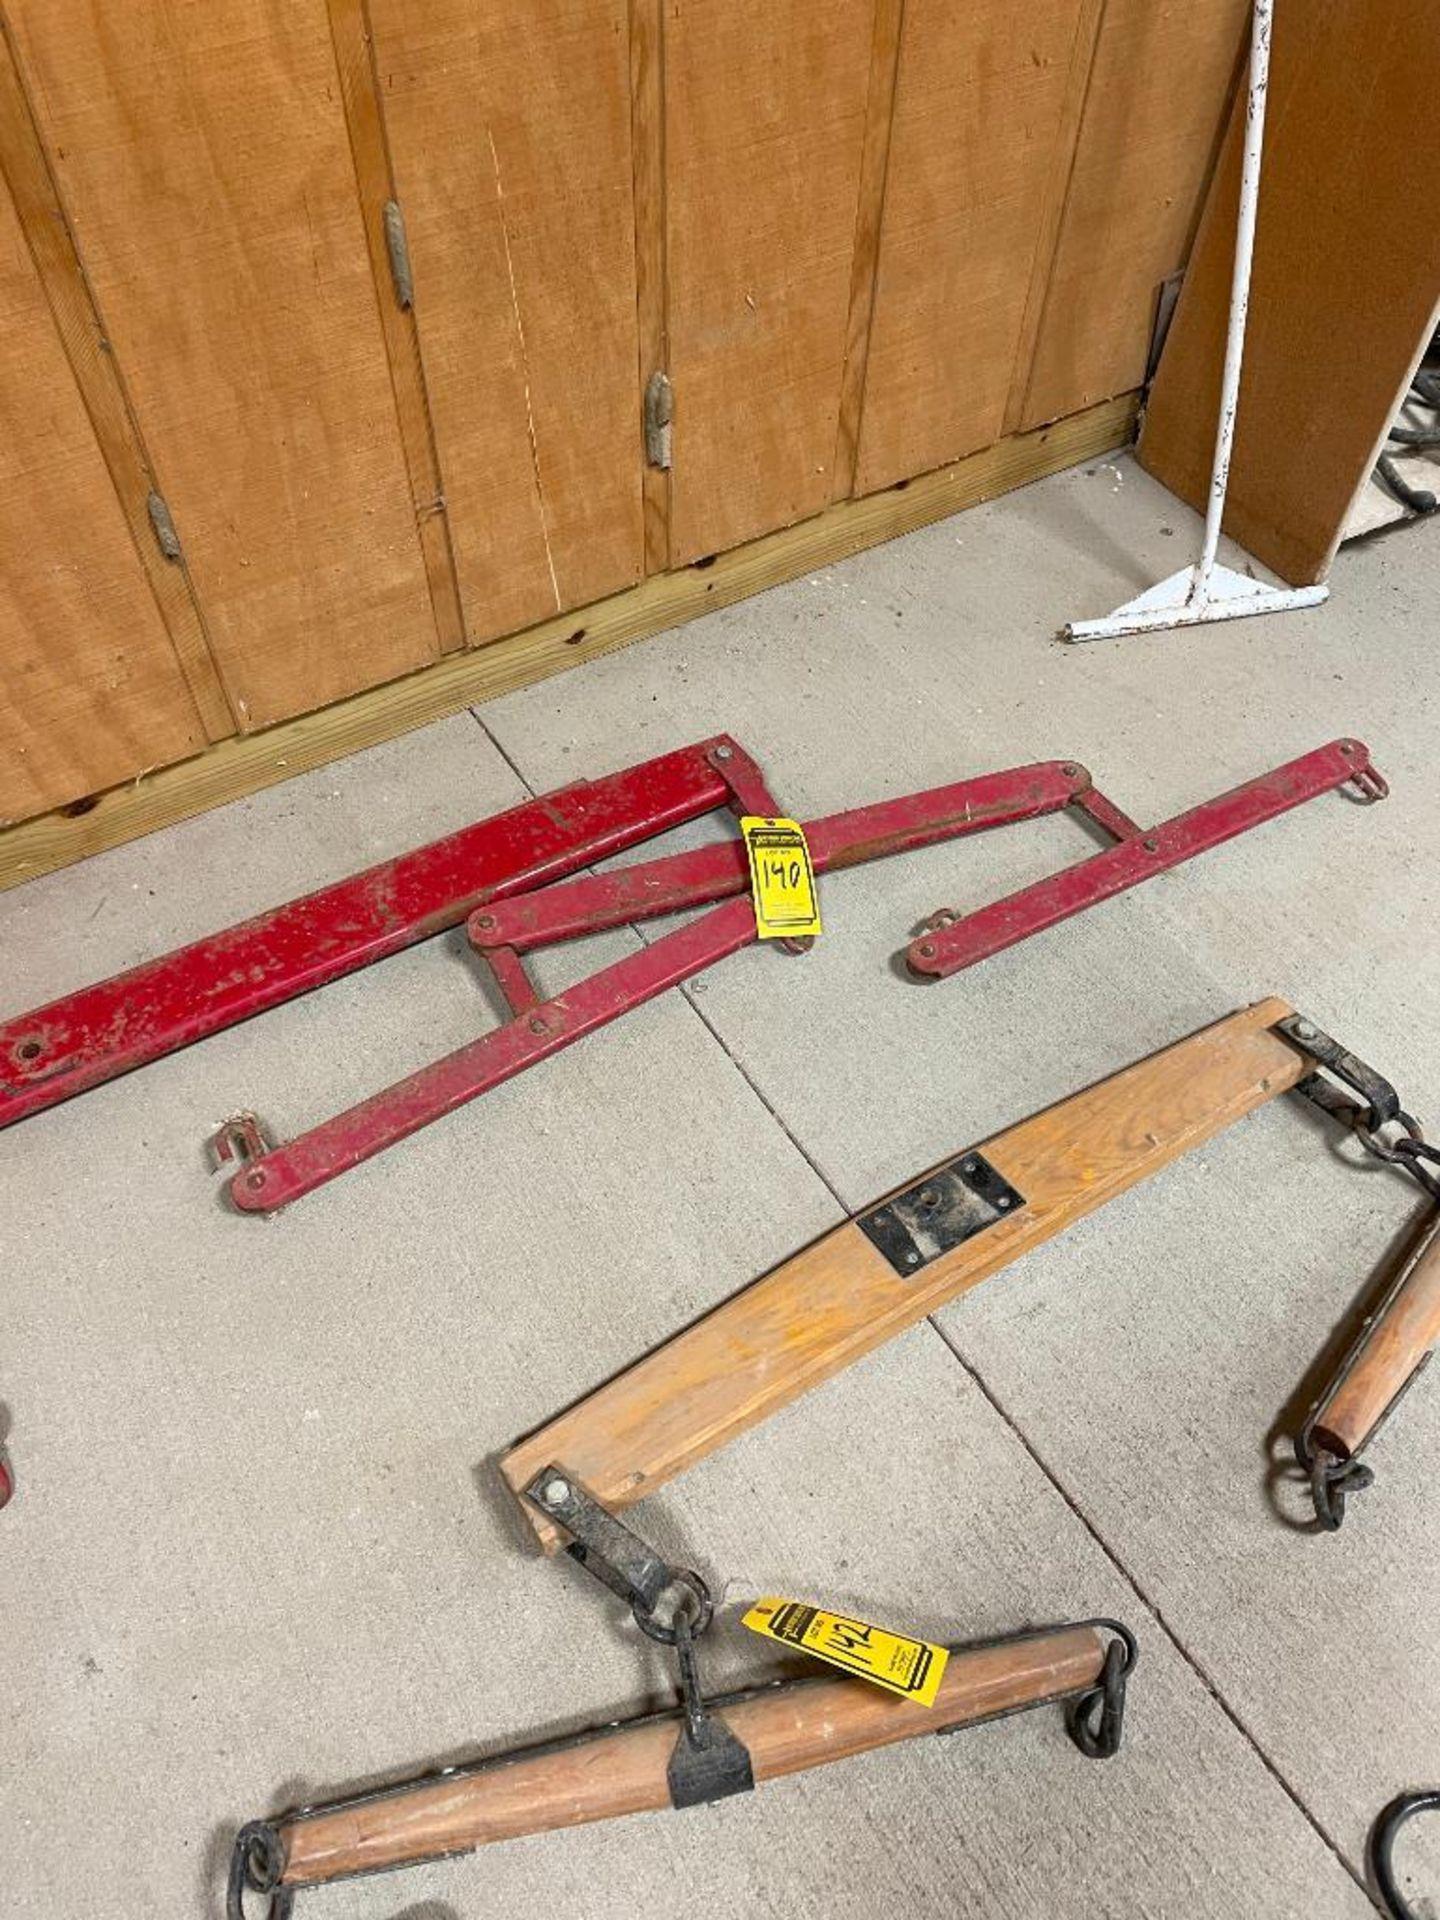 Steel 4-up Evener, Red - Image 3 of 3